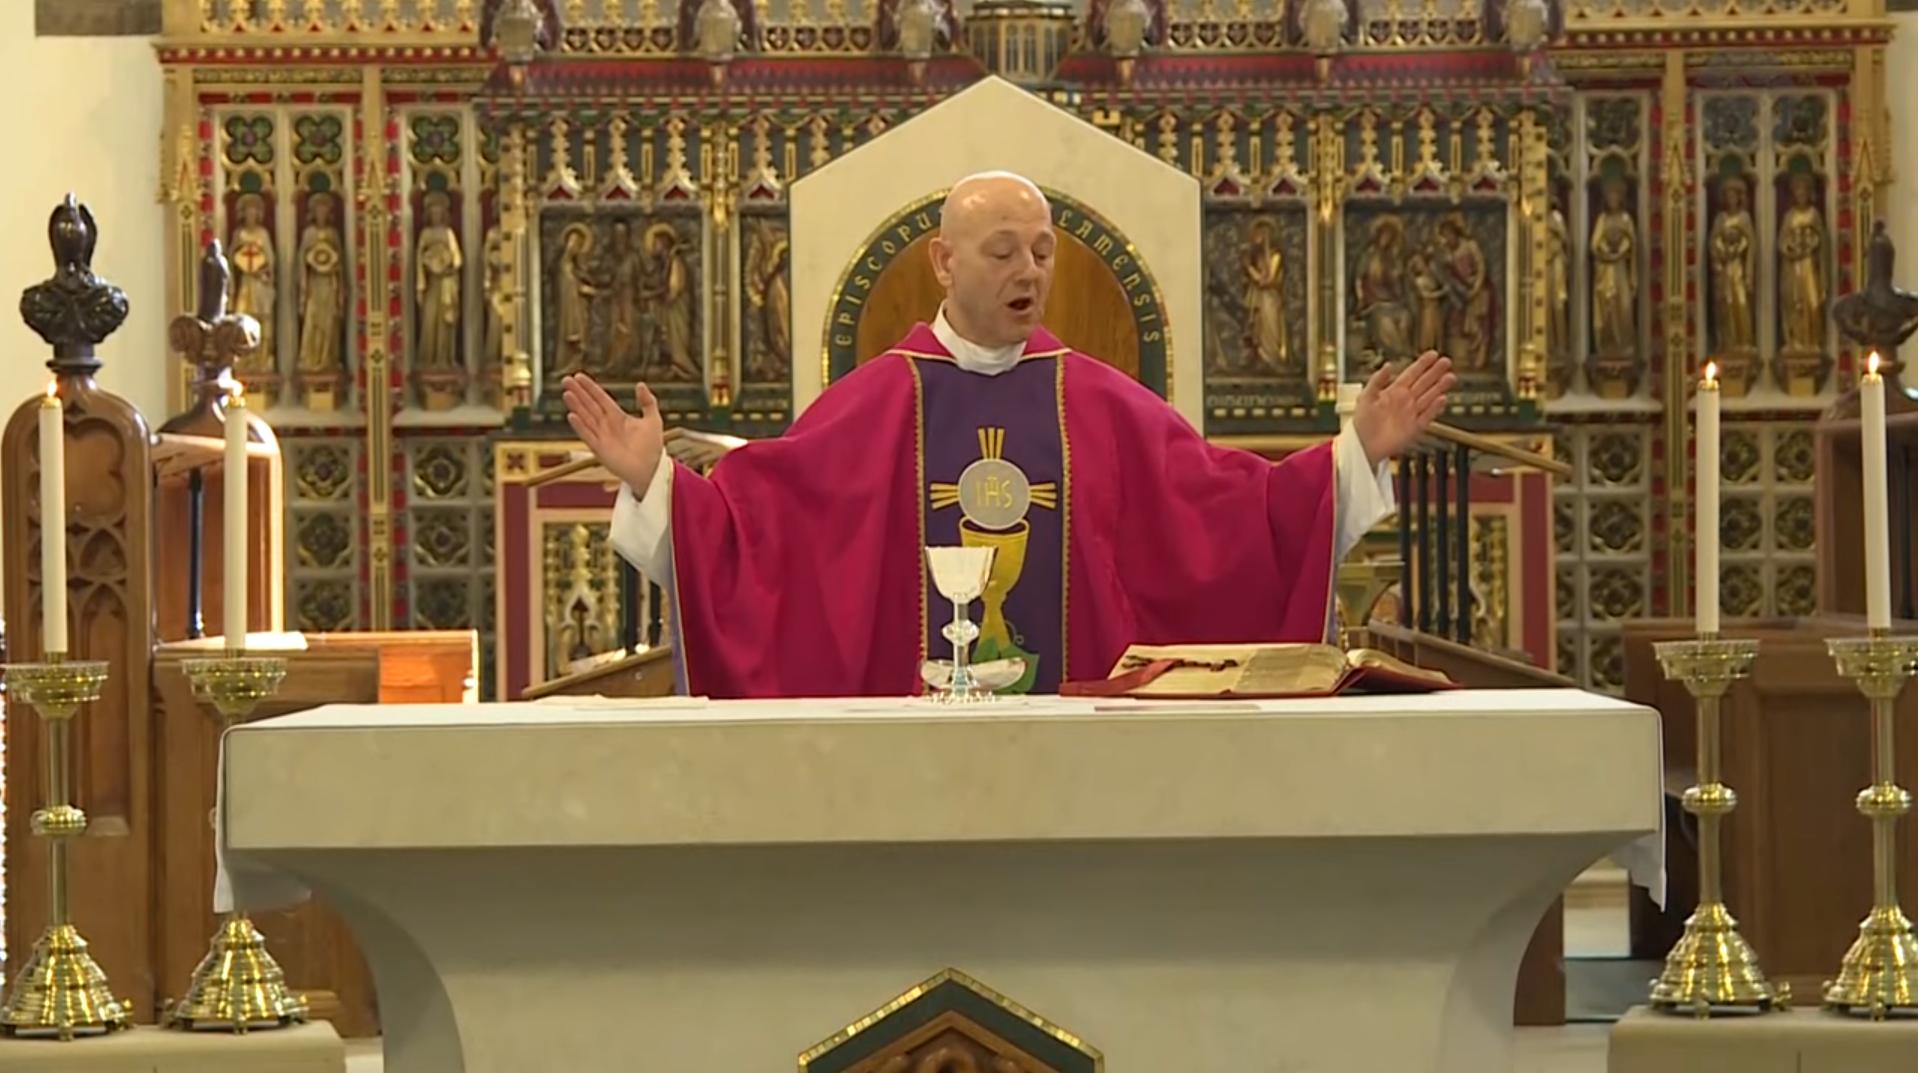 Fr Chris says Mass